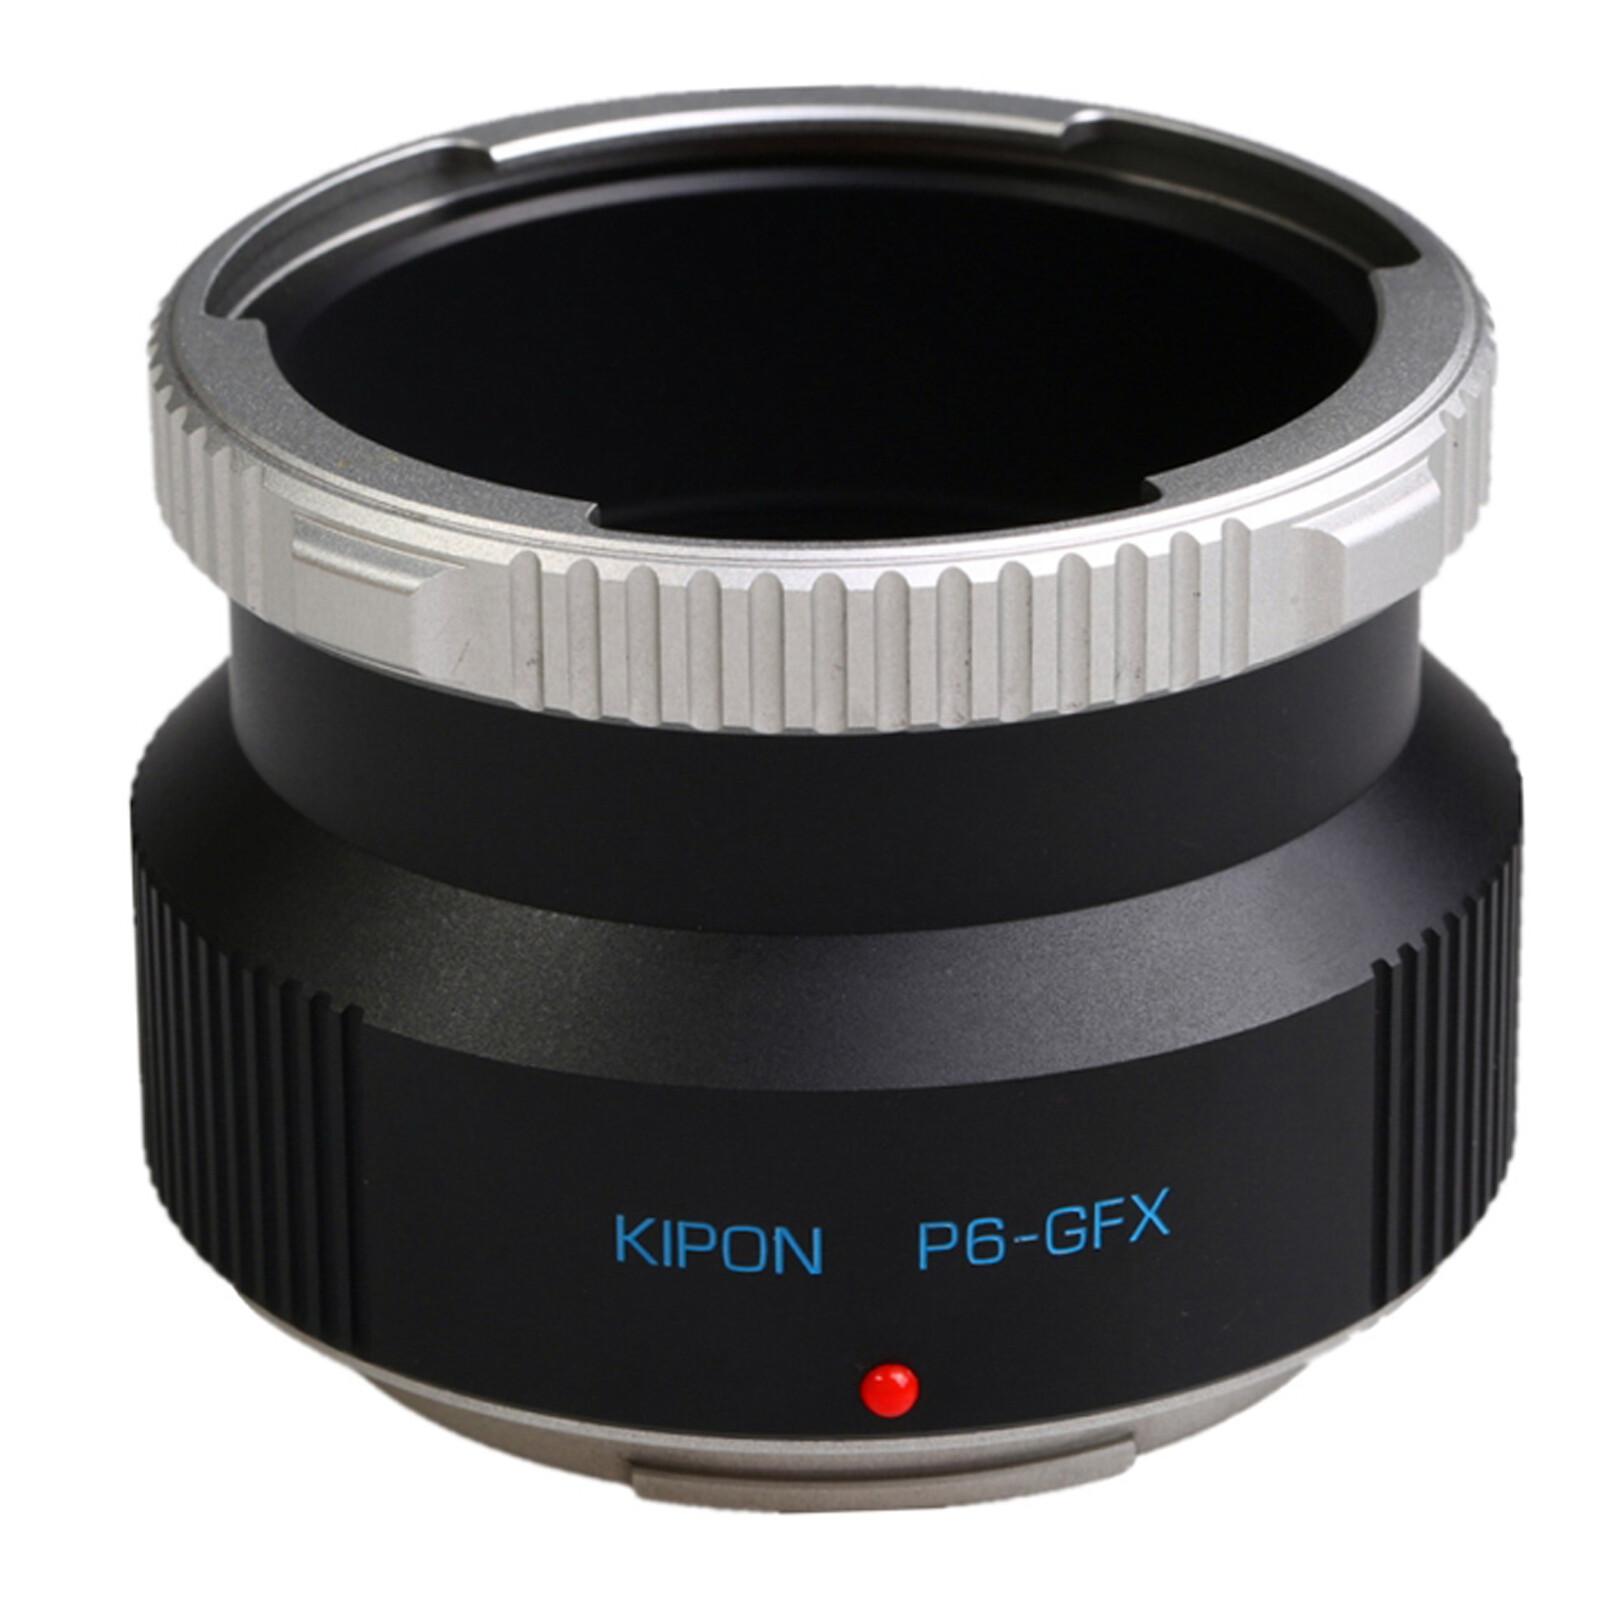 Kipon Adapter für  Pentacon 6 auf Fuji GFX